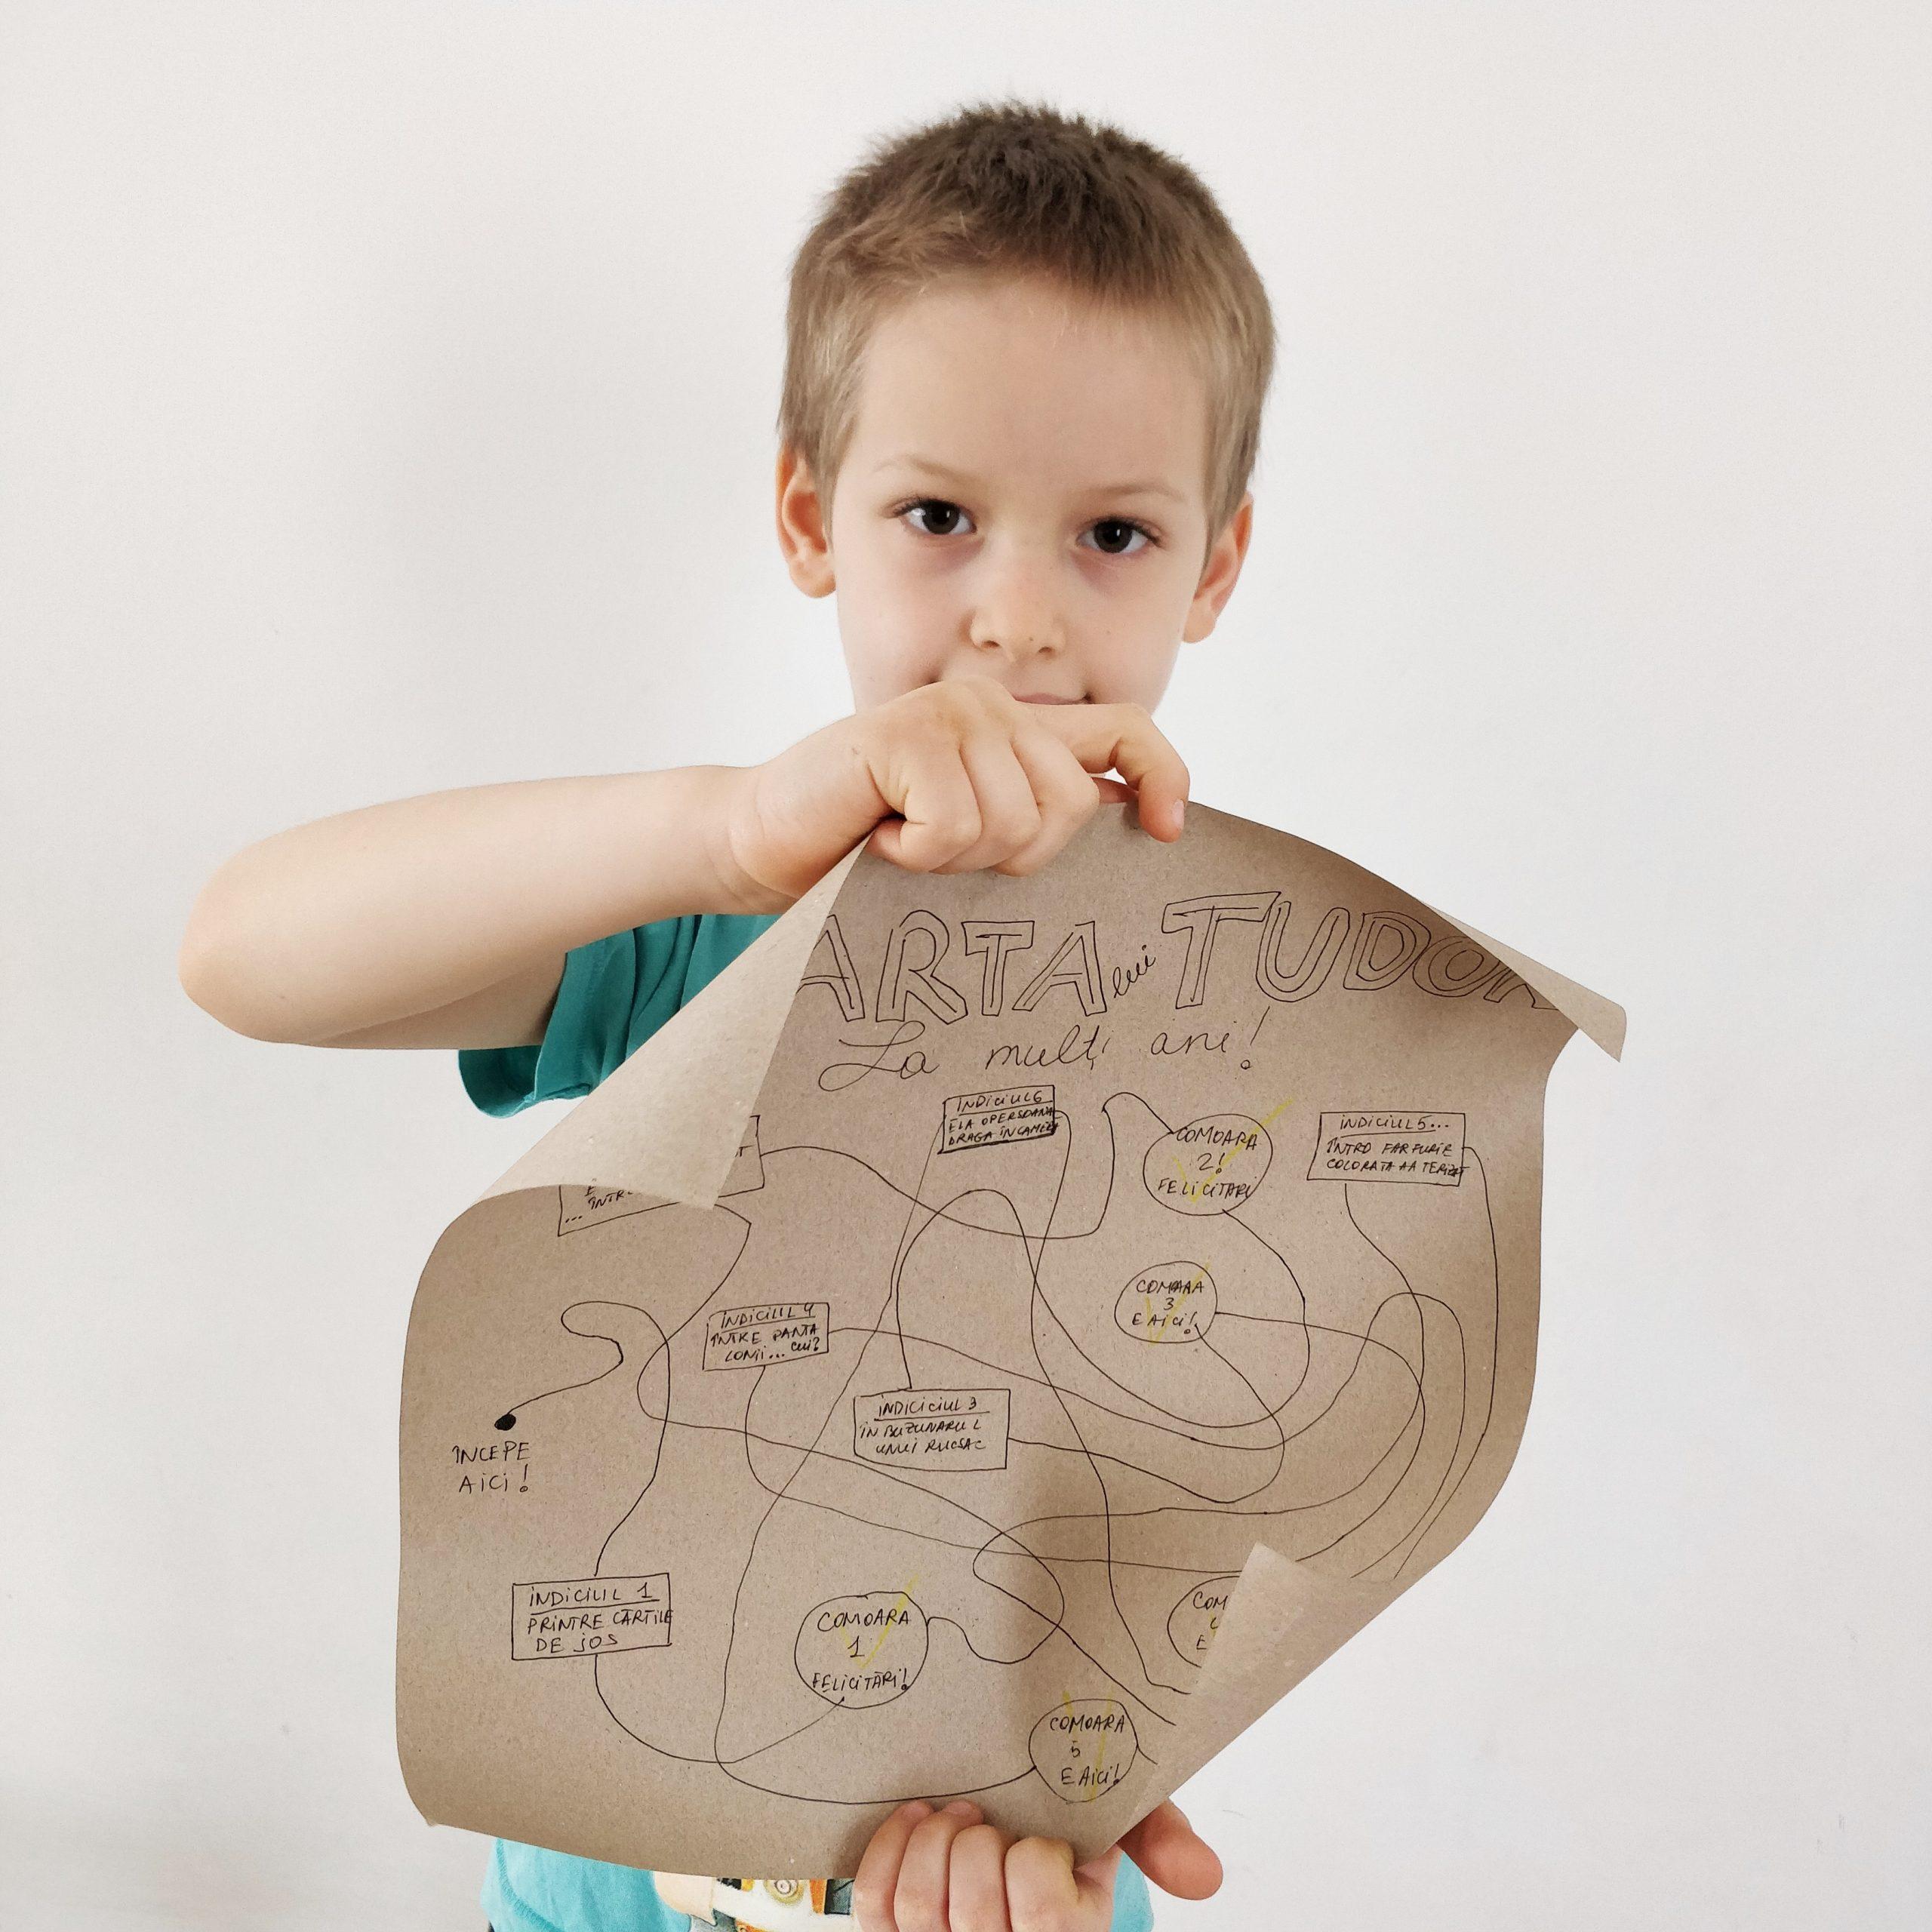 Cum-să-transformi-un-cadou-de-140-Ron-într-unul-de-milioane-O-idee-simplă-ca-să-i-aduci-bucurie-copilului-de-ziua-lui_copil-cu-hartă